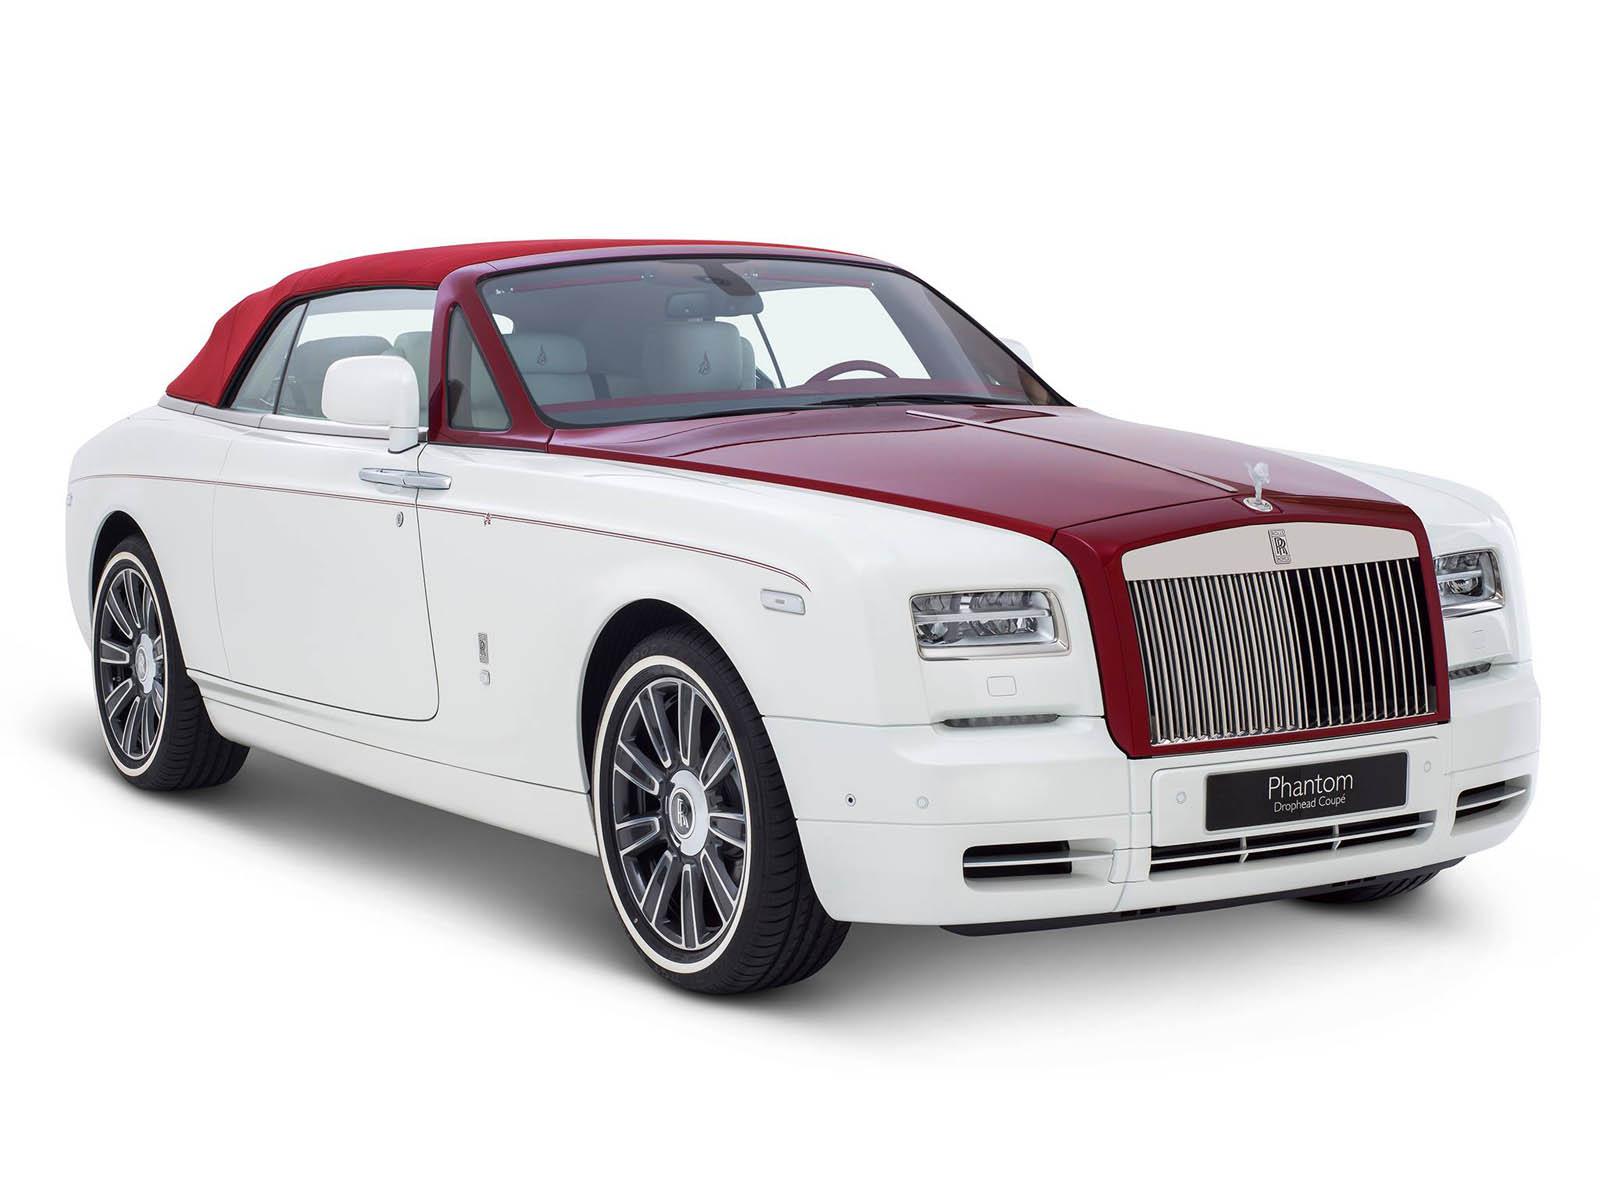 Phantom Drop-dead Coupe inspired by Desert Rose